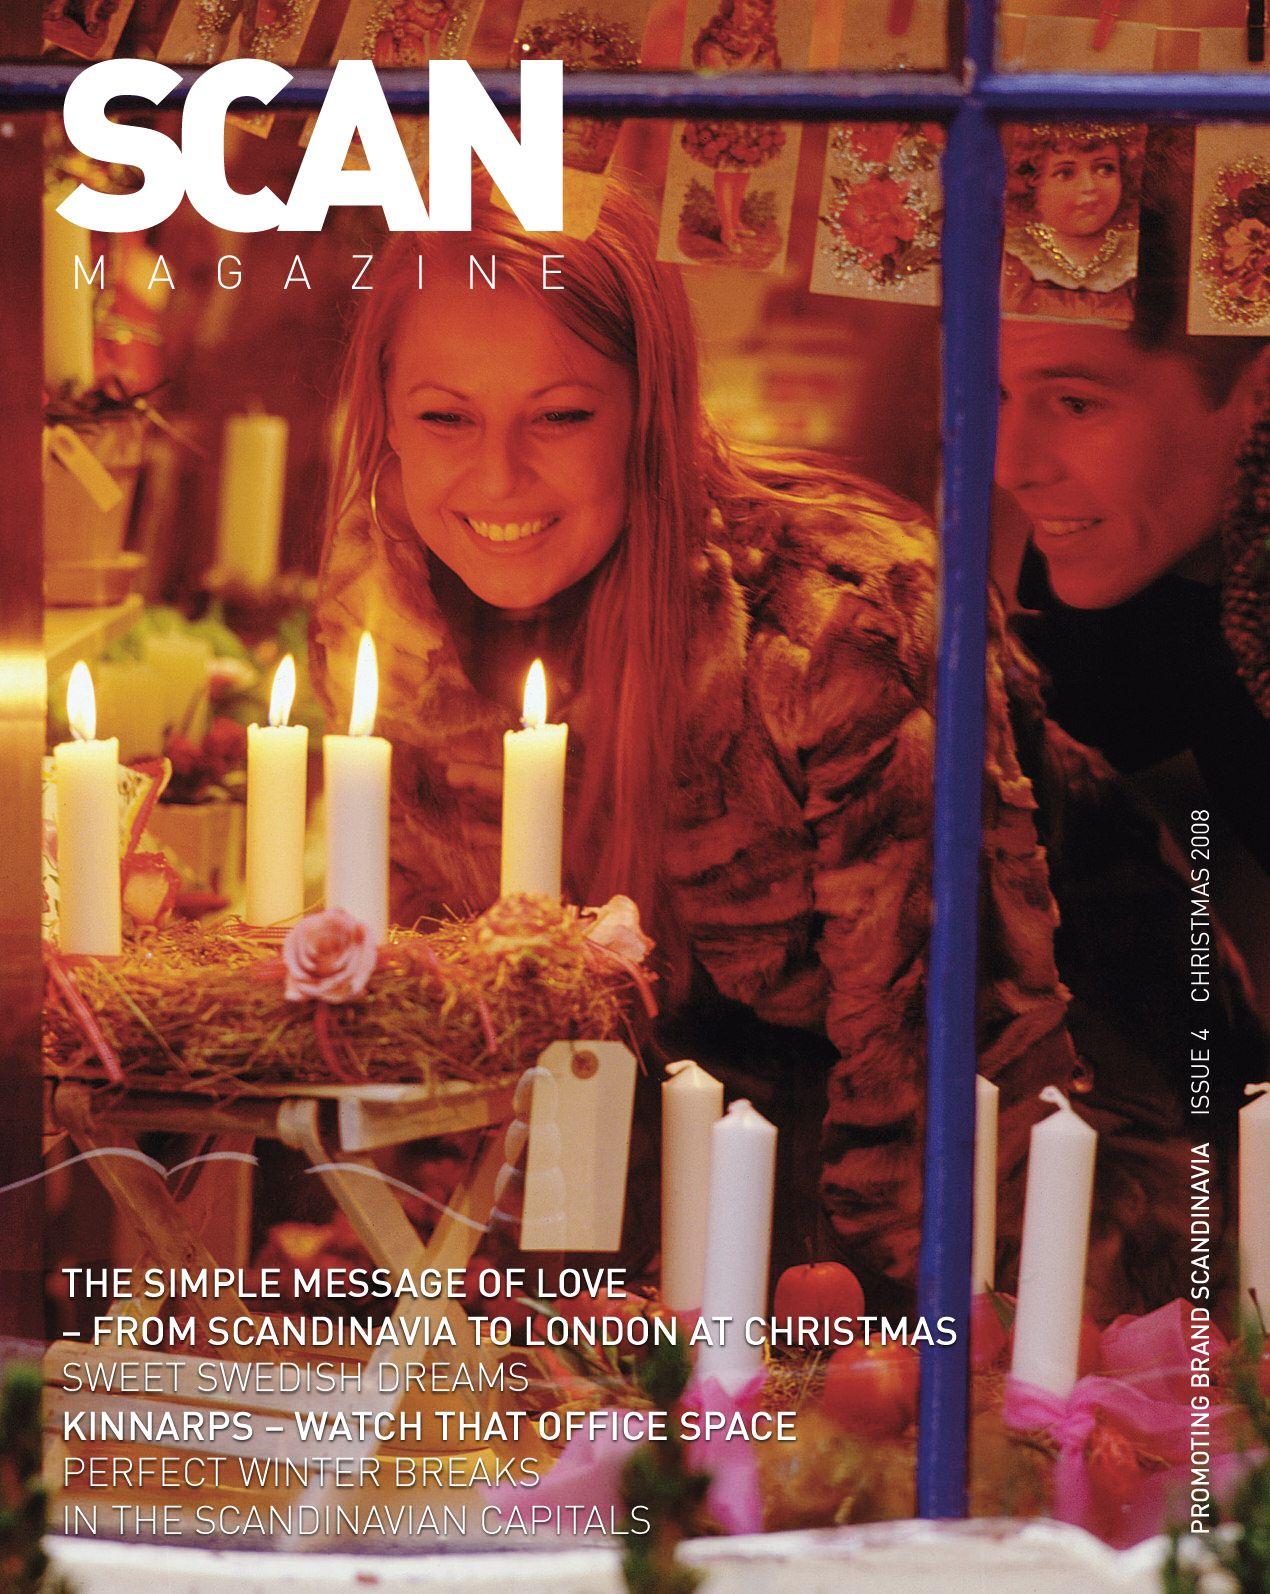 Scan Magazine Issue 4